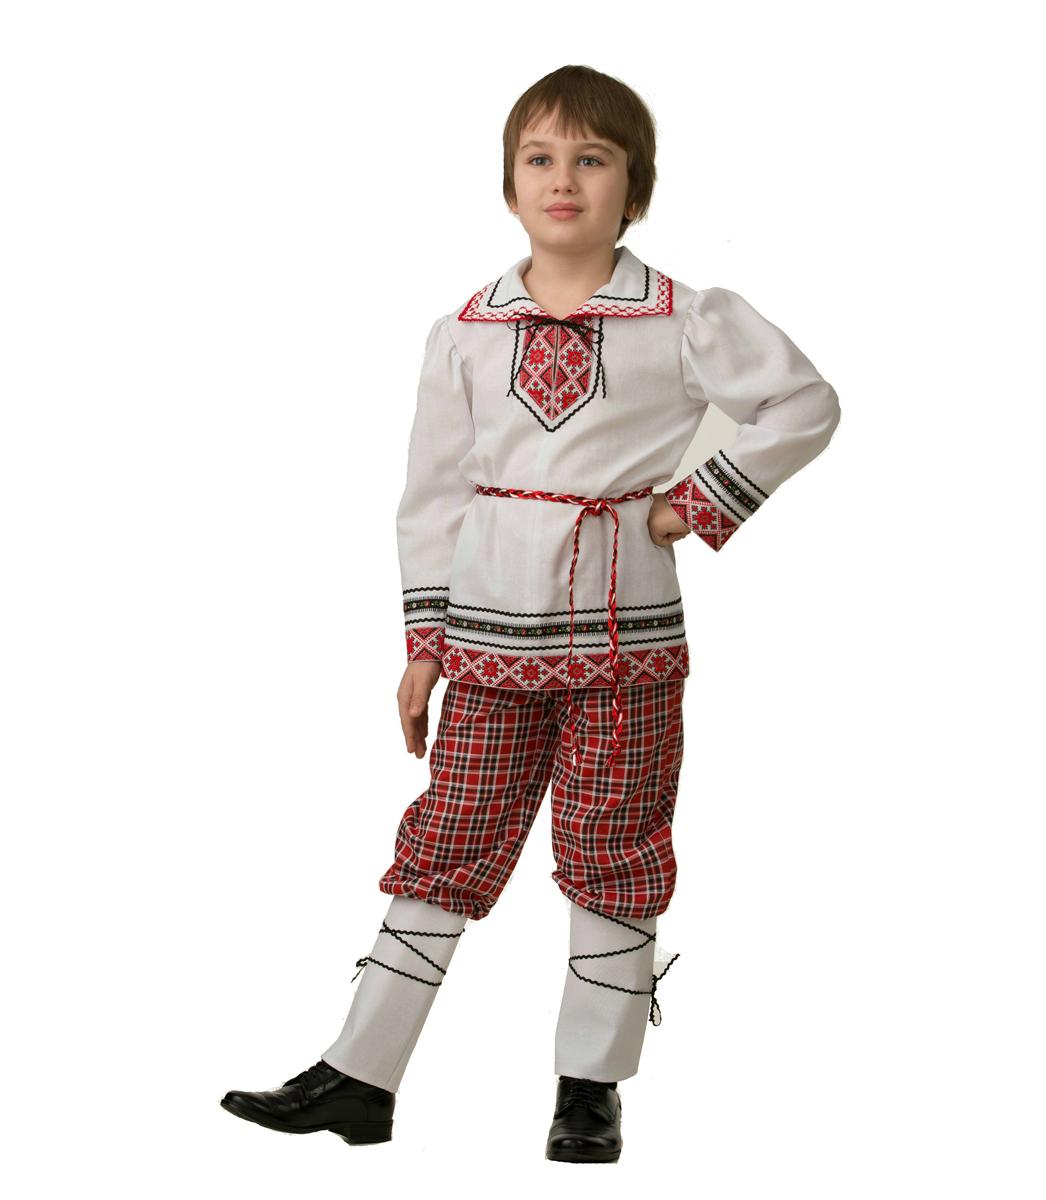 Батик Костюм карнавальный для мальчика Национальный костюм Рубашка Вышиванка размер 36 Батик